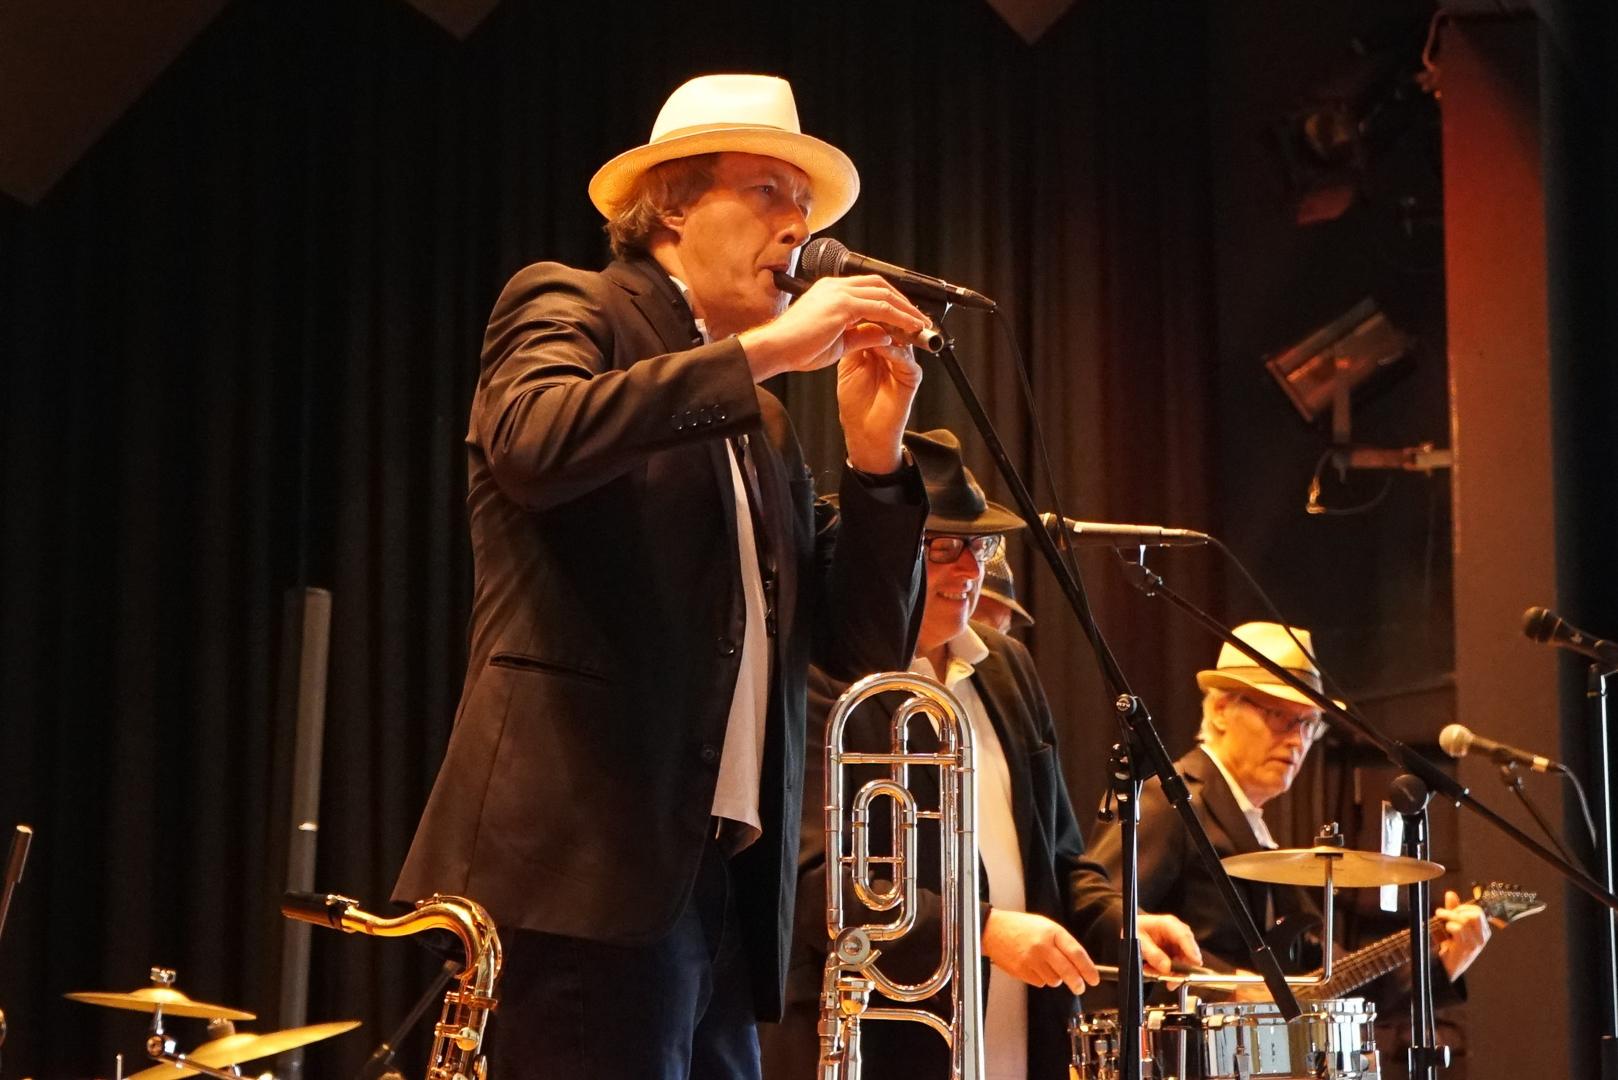 2019-03-10-jazz-brunch-kulturkom-stein-117